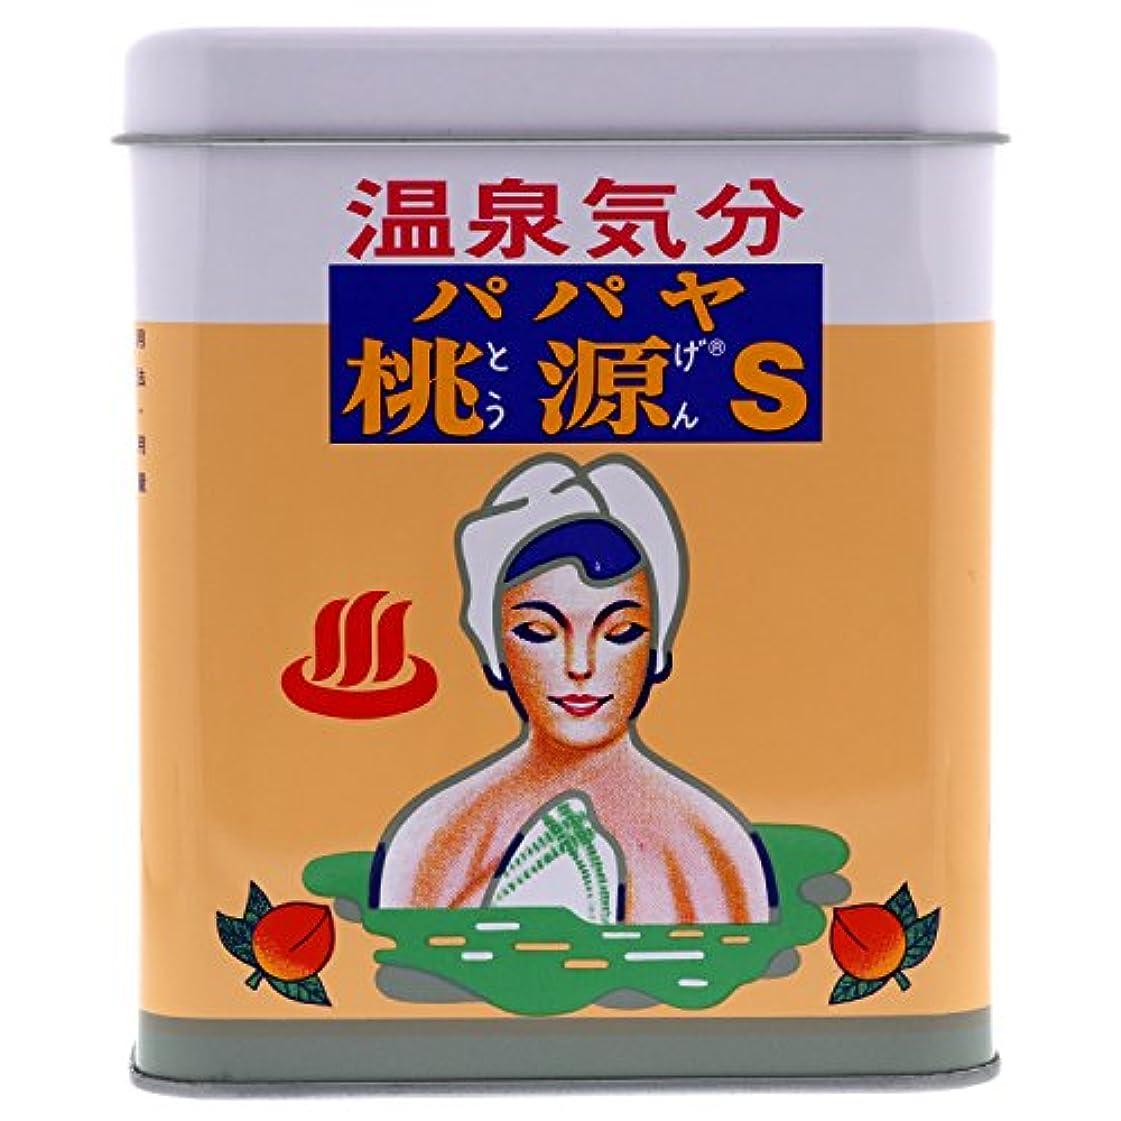 コンクリート褐色顧問パパヤ桃源S 700g 缶 [医薬部外品]